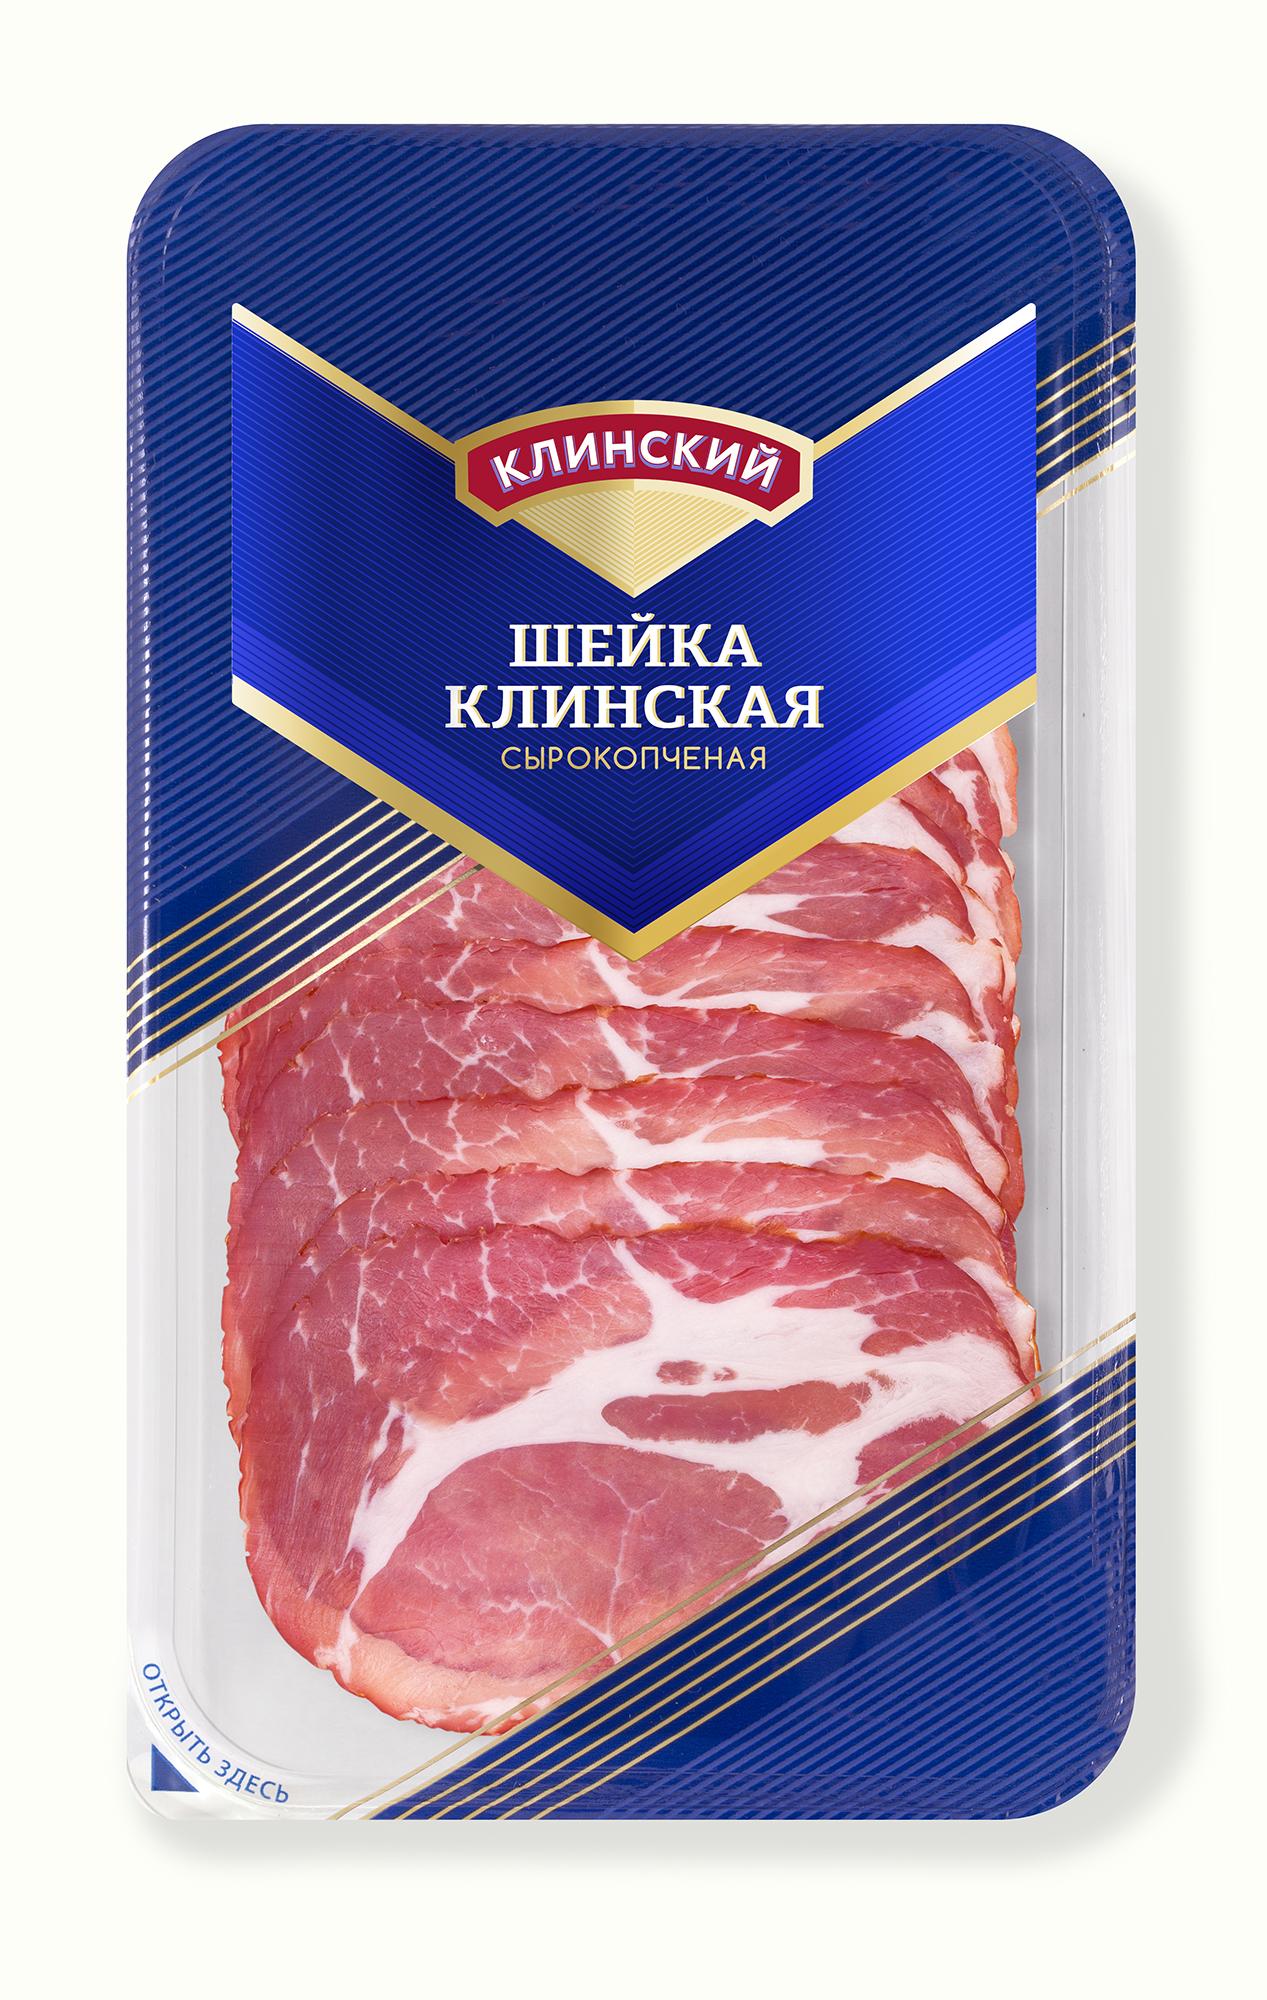 Шейка свиная с\к нарезка Клинский